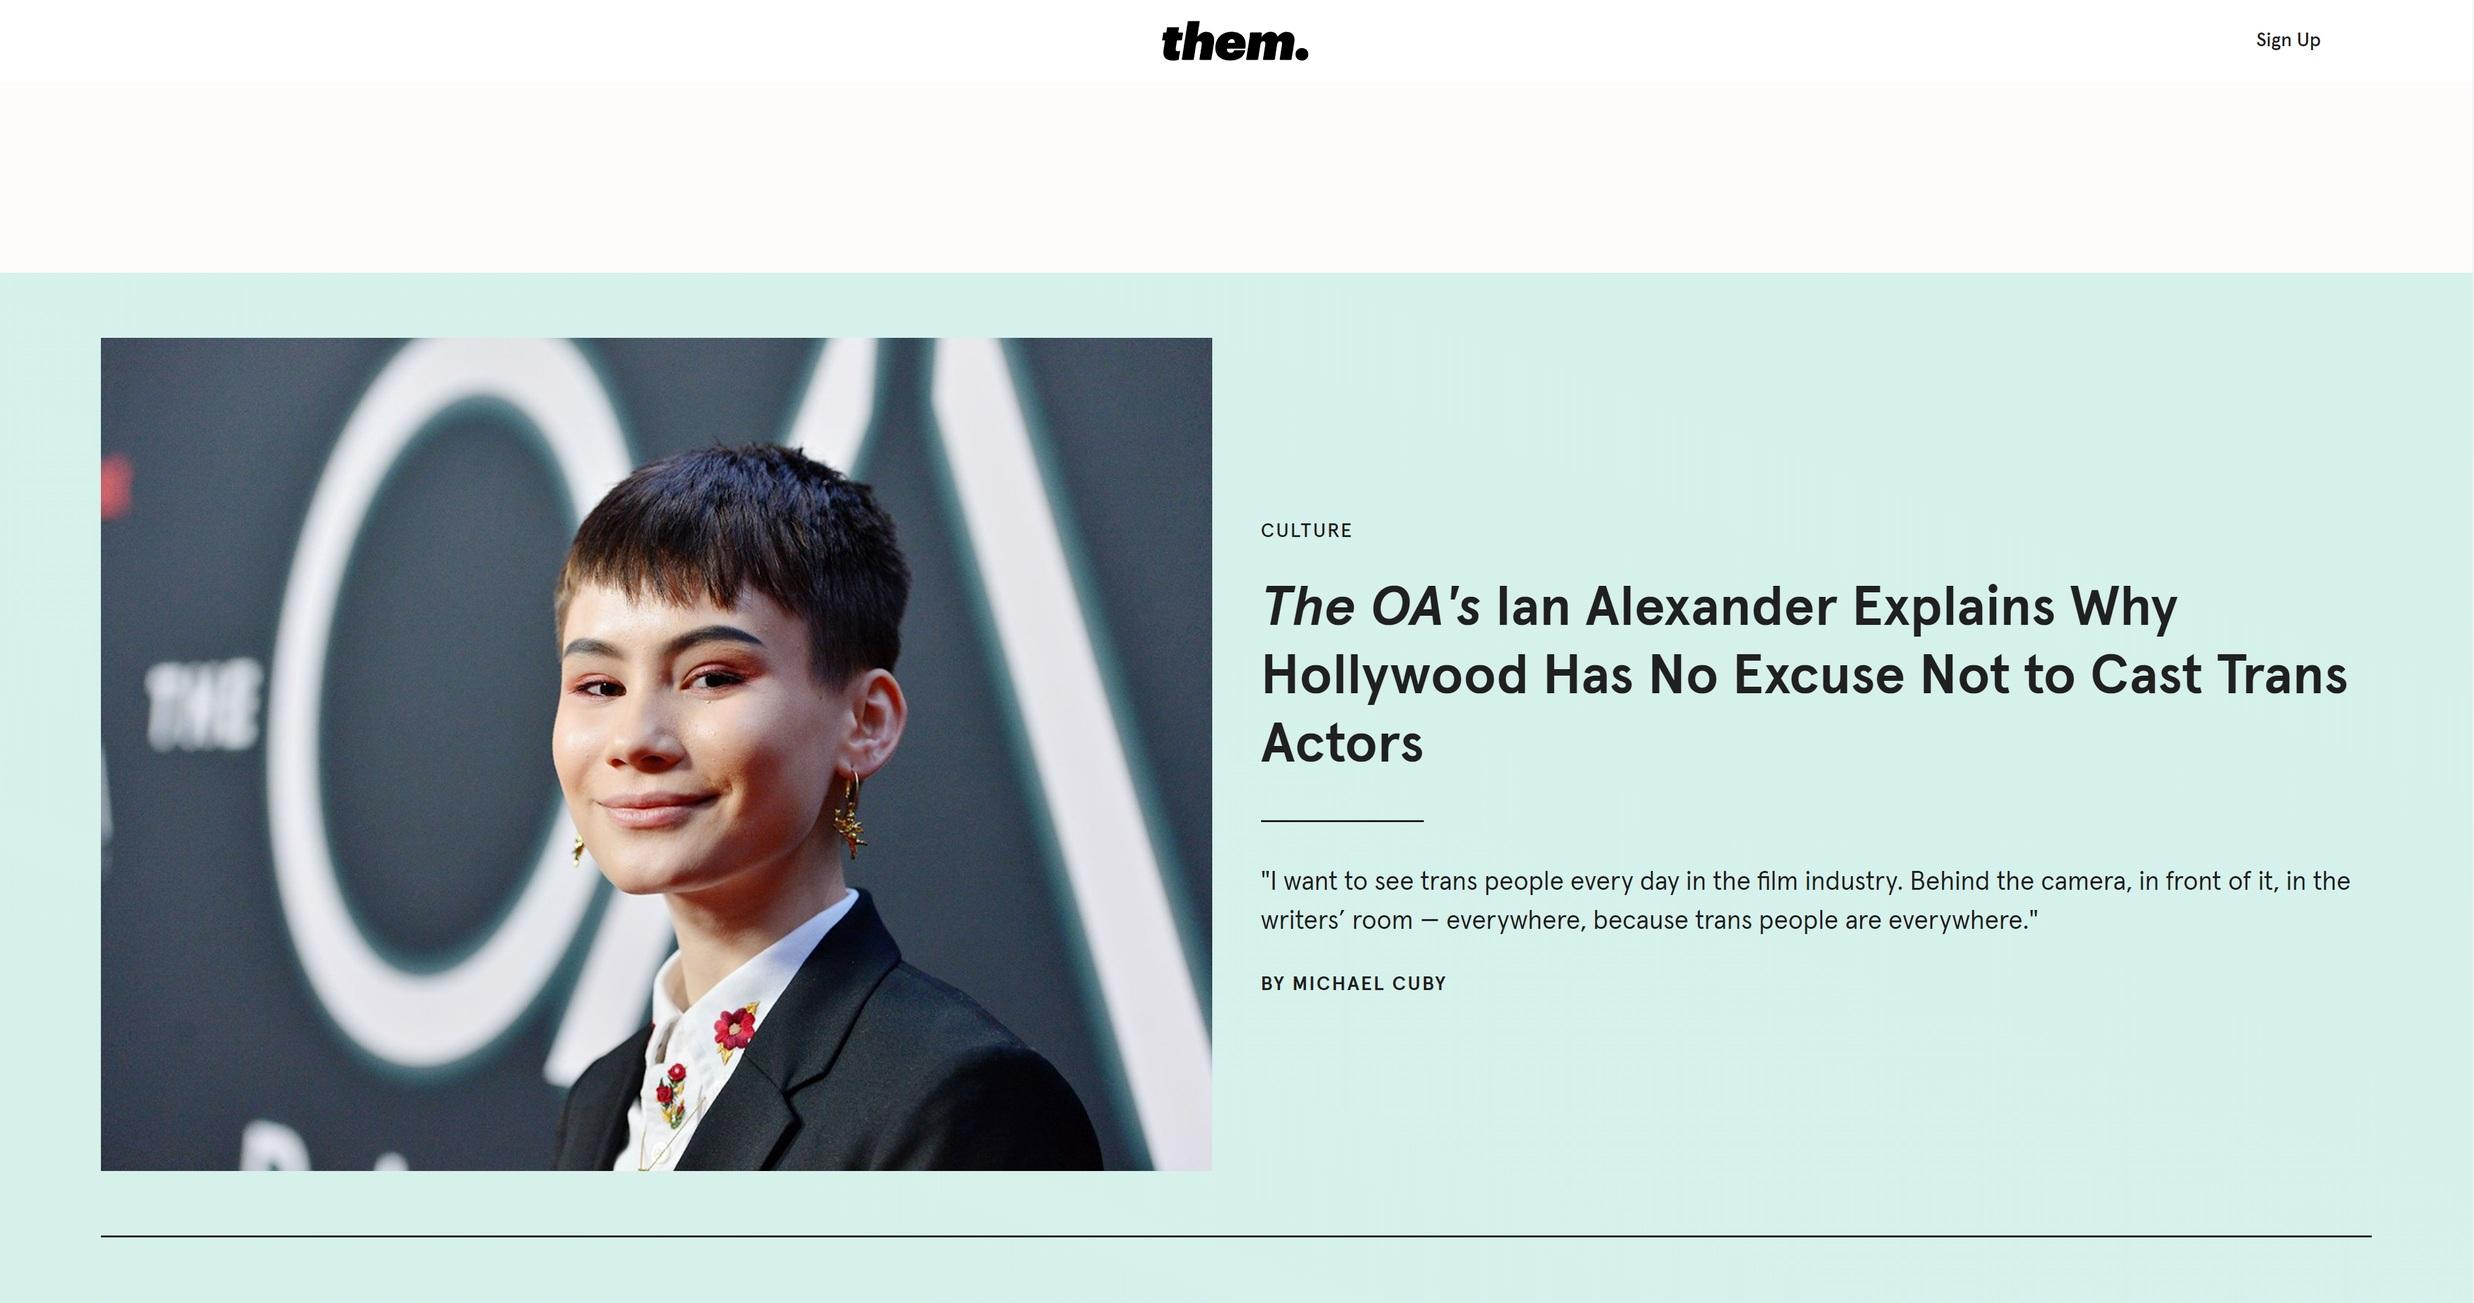 Best LGBTQ website - them